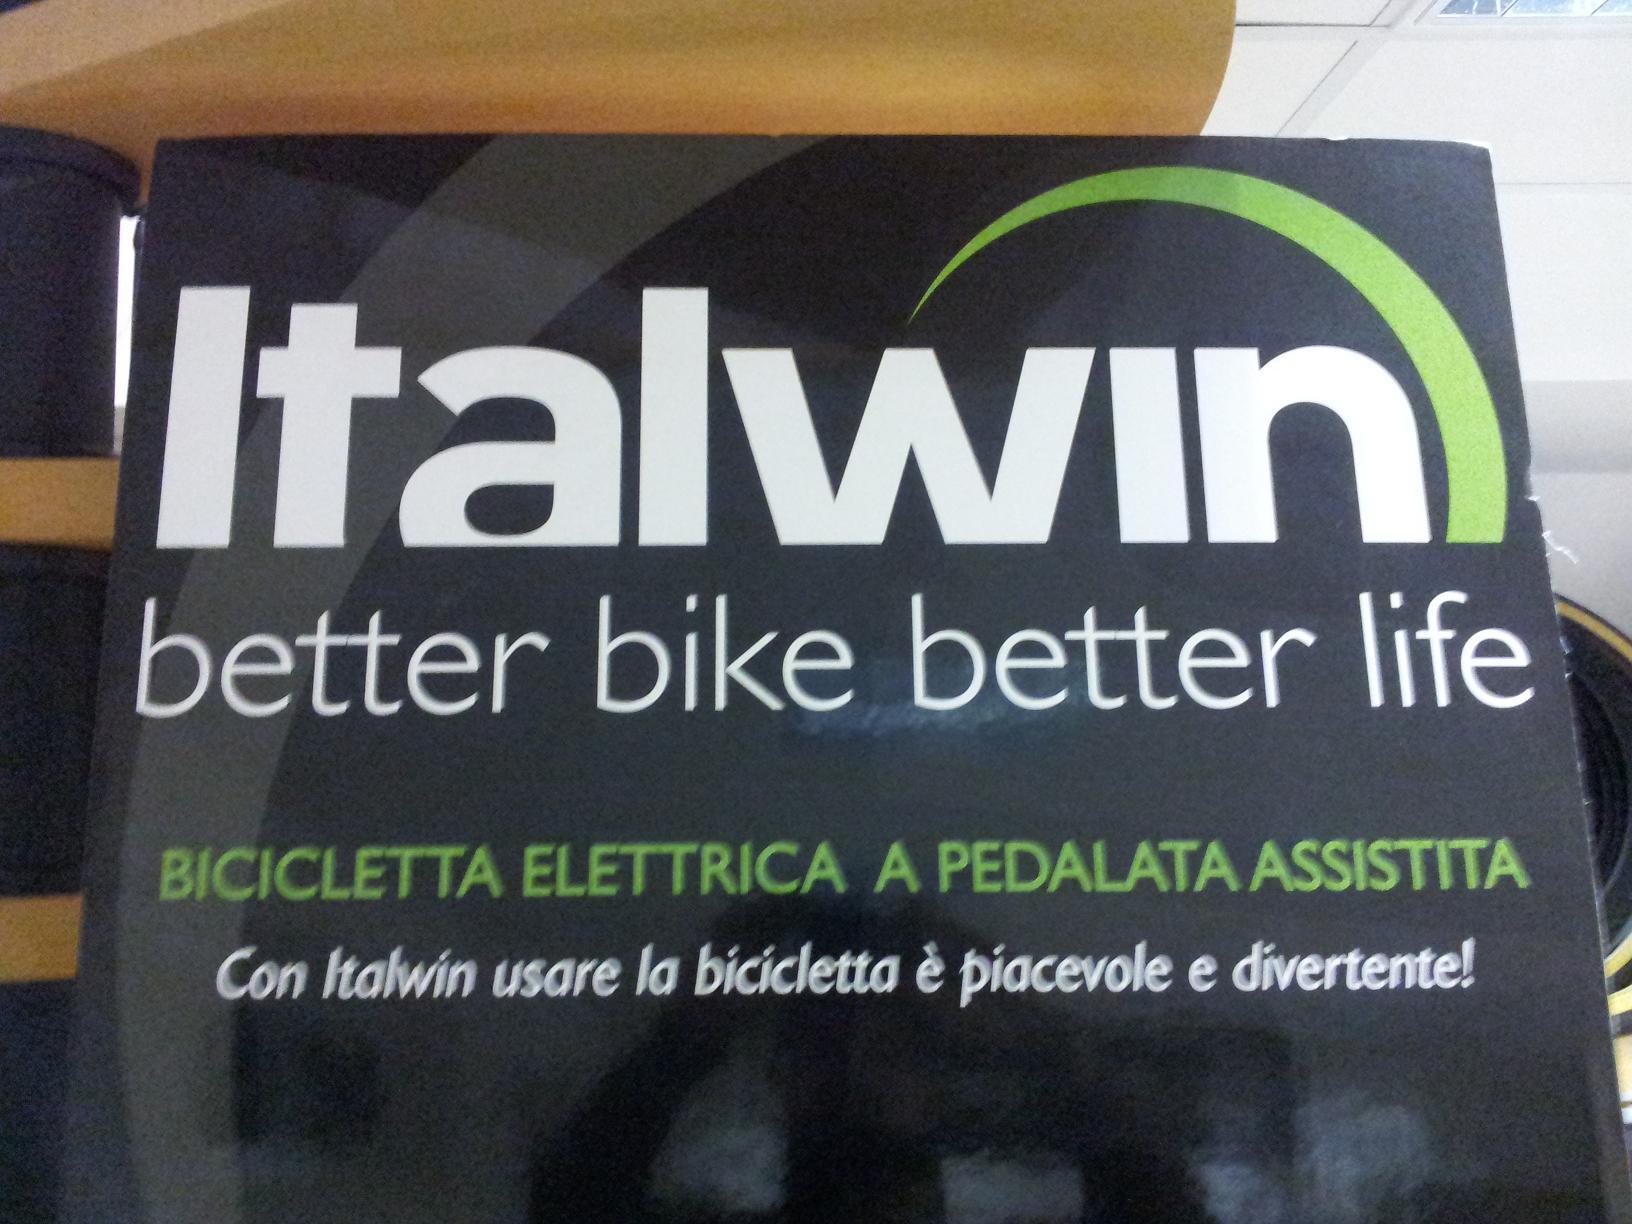 Biciclette elettriche pedalata assistita Italwin Rozzano Milano